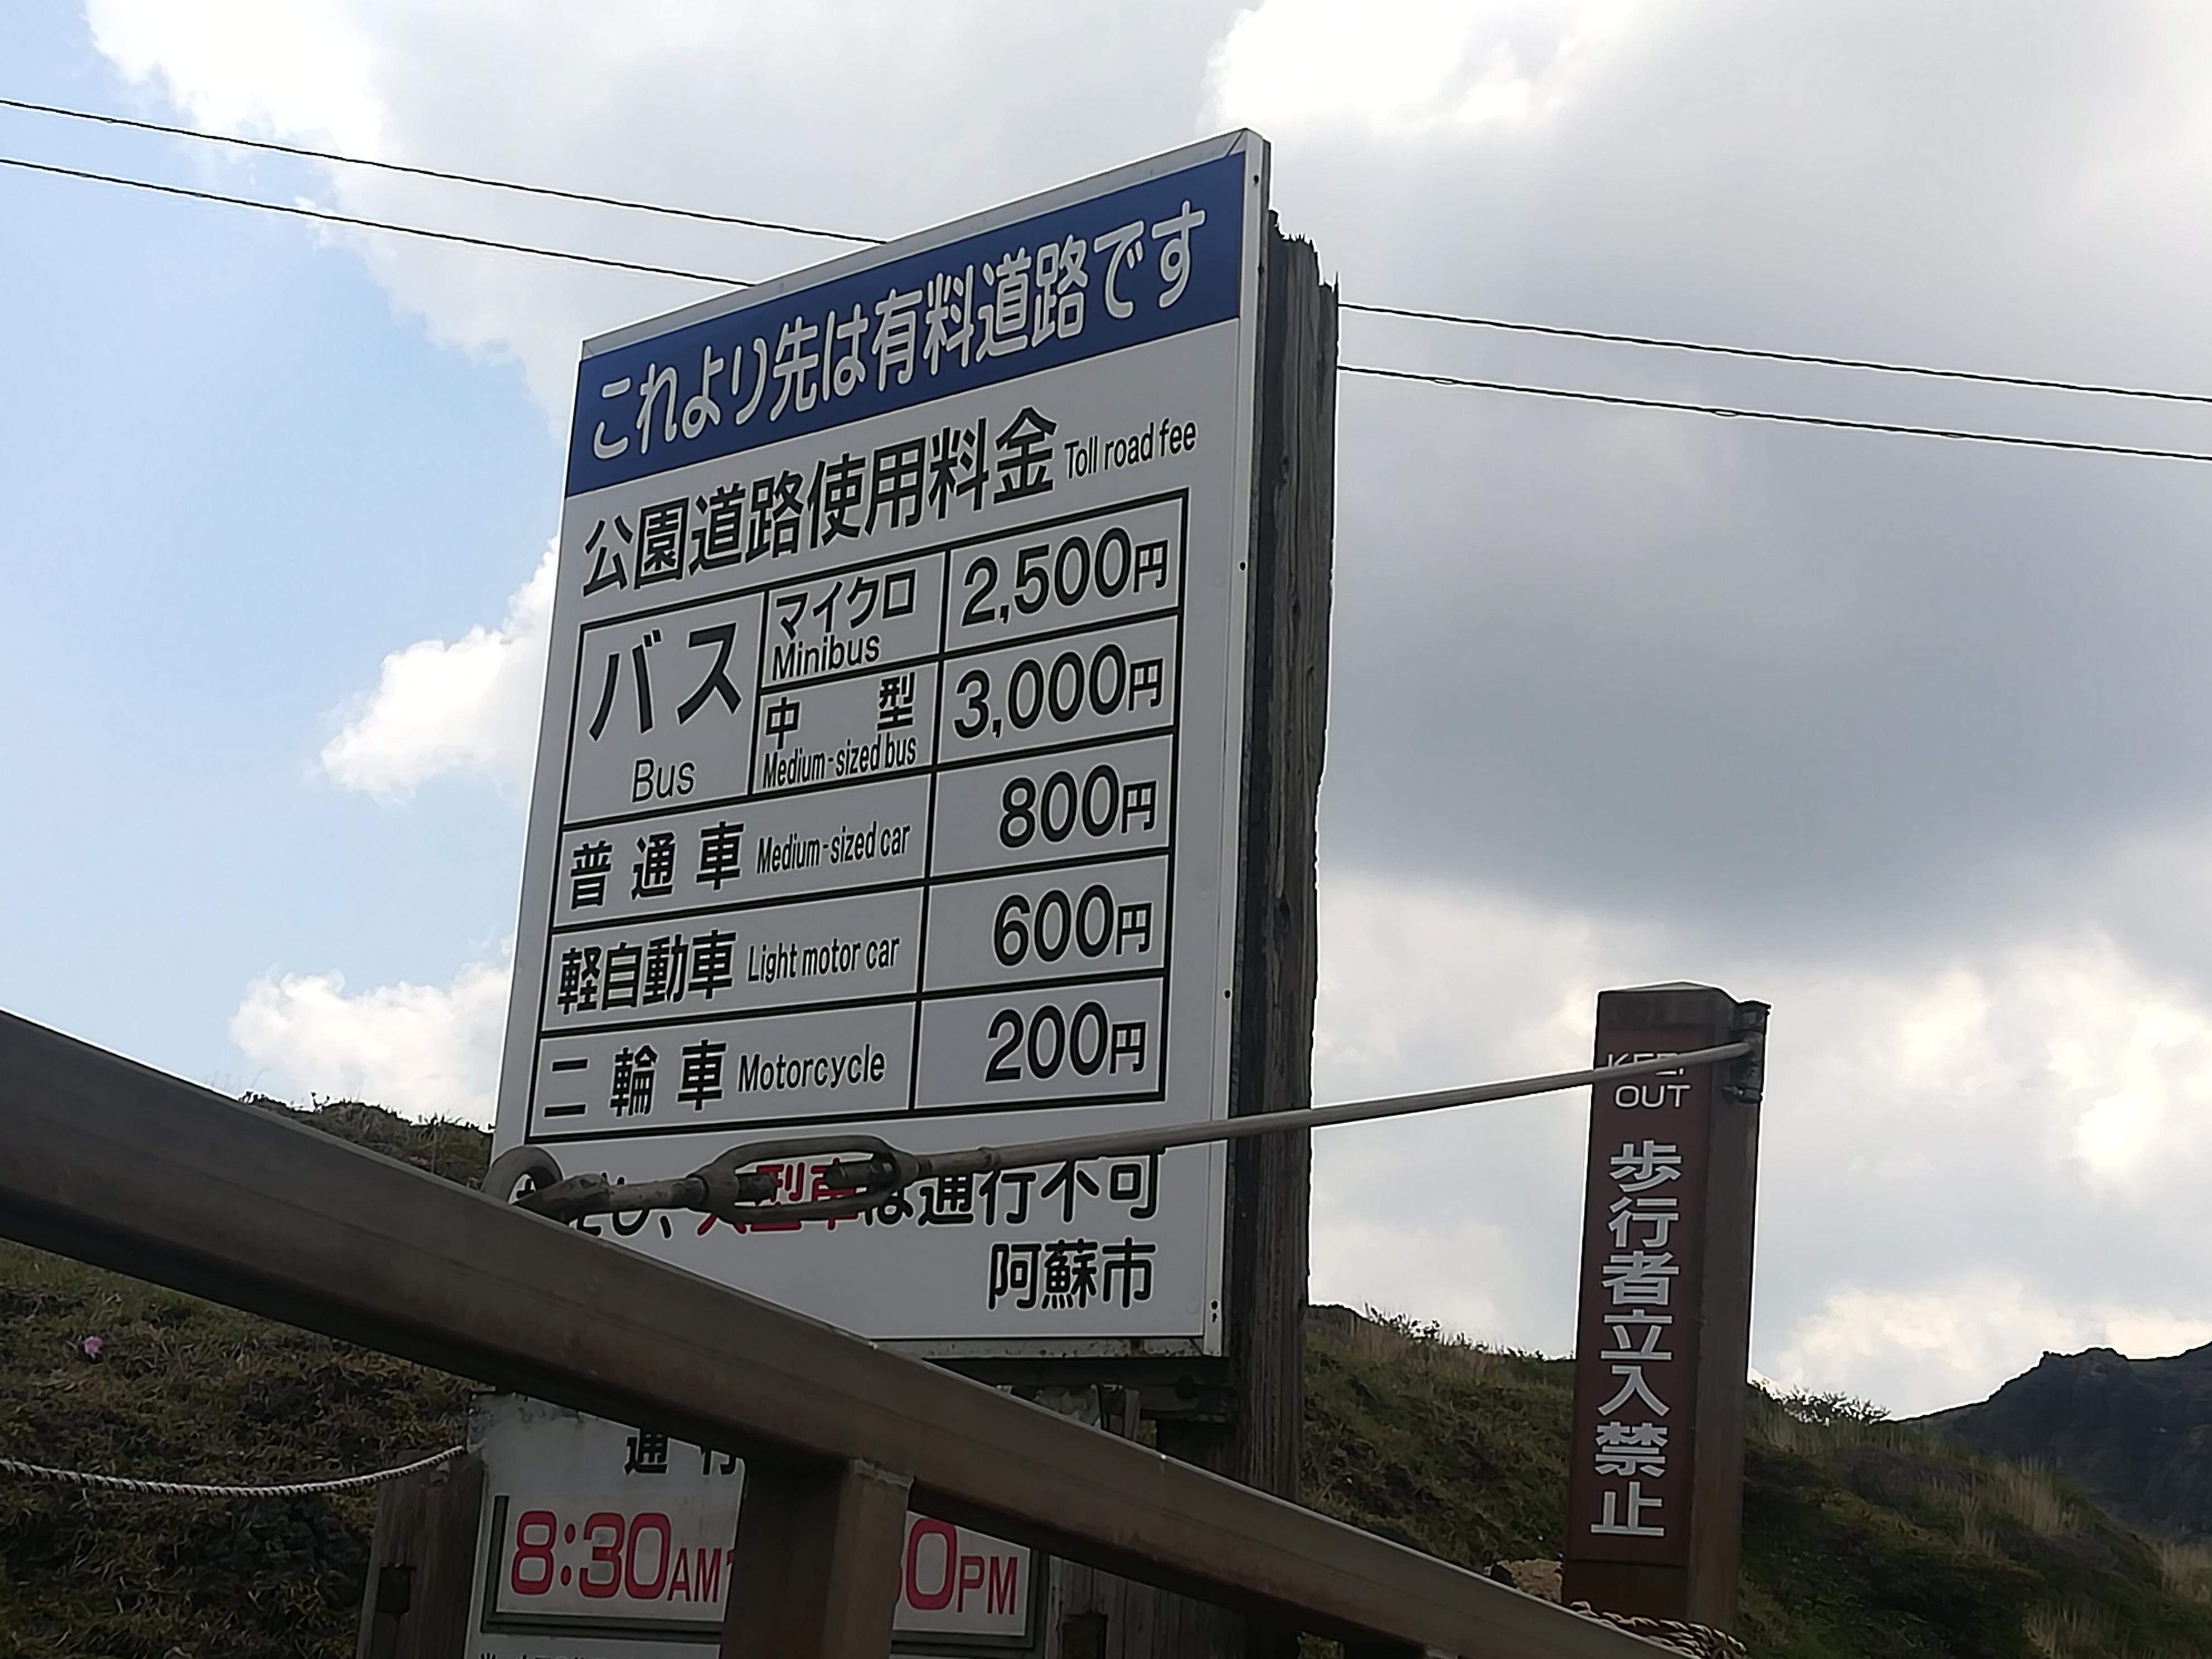 阿蘇火口への道の途中にある有料道路の料金表